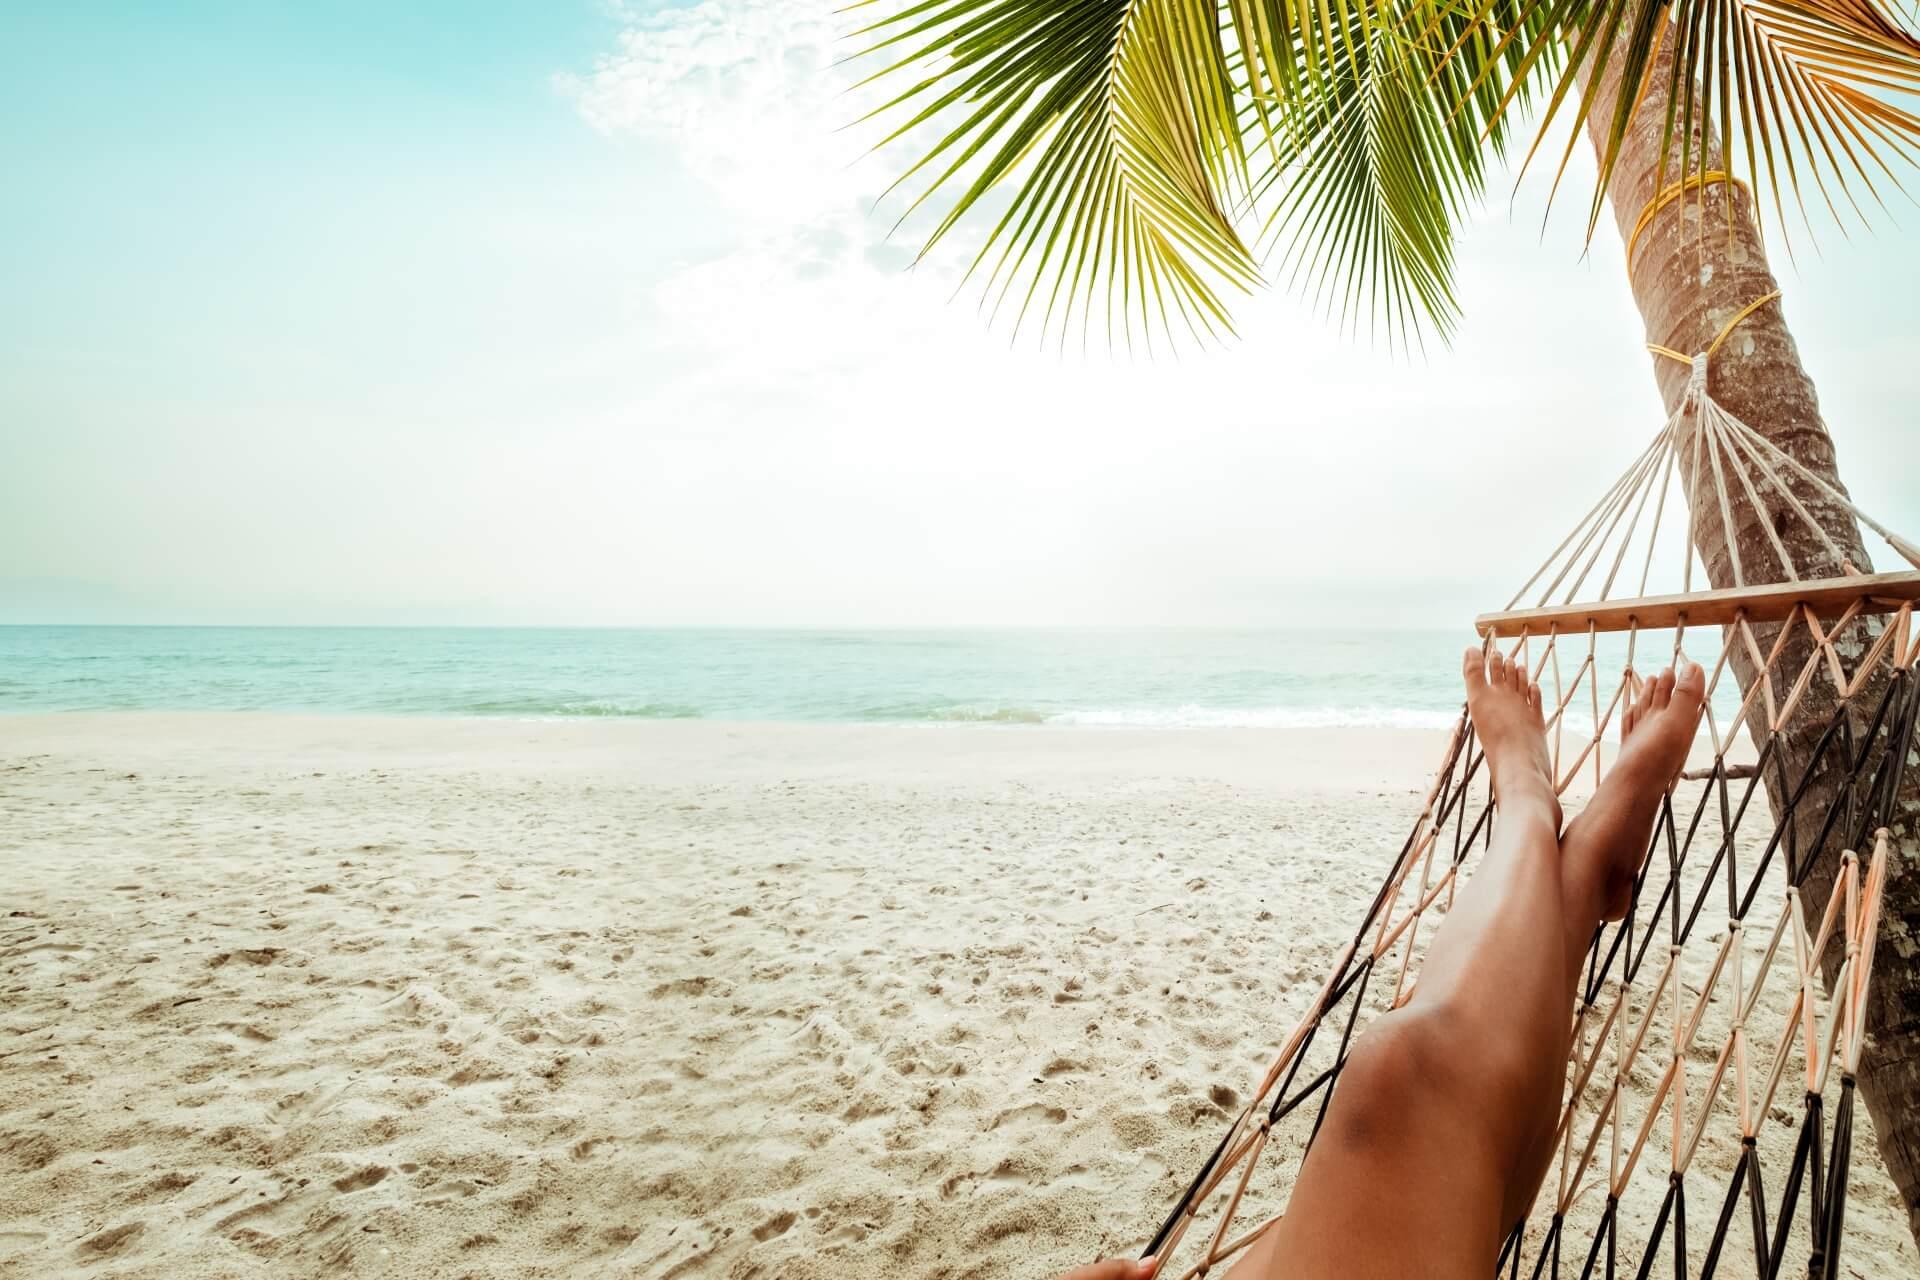 Vista dall amaca sotto le palme alla spiaggia e al mare: jakkapan21/iStock/Getty Images Plus